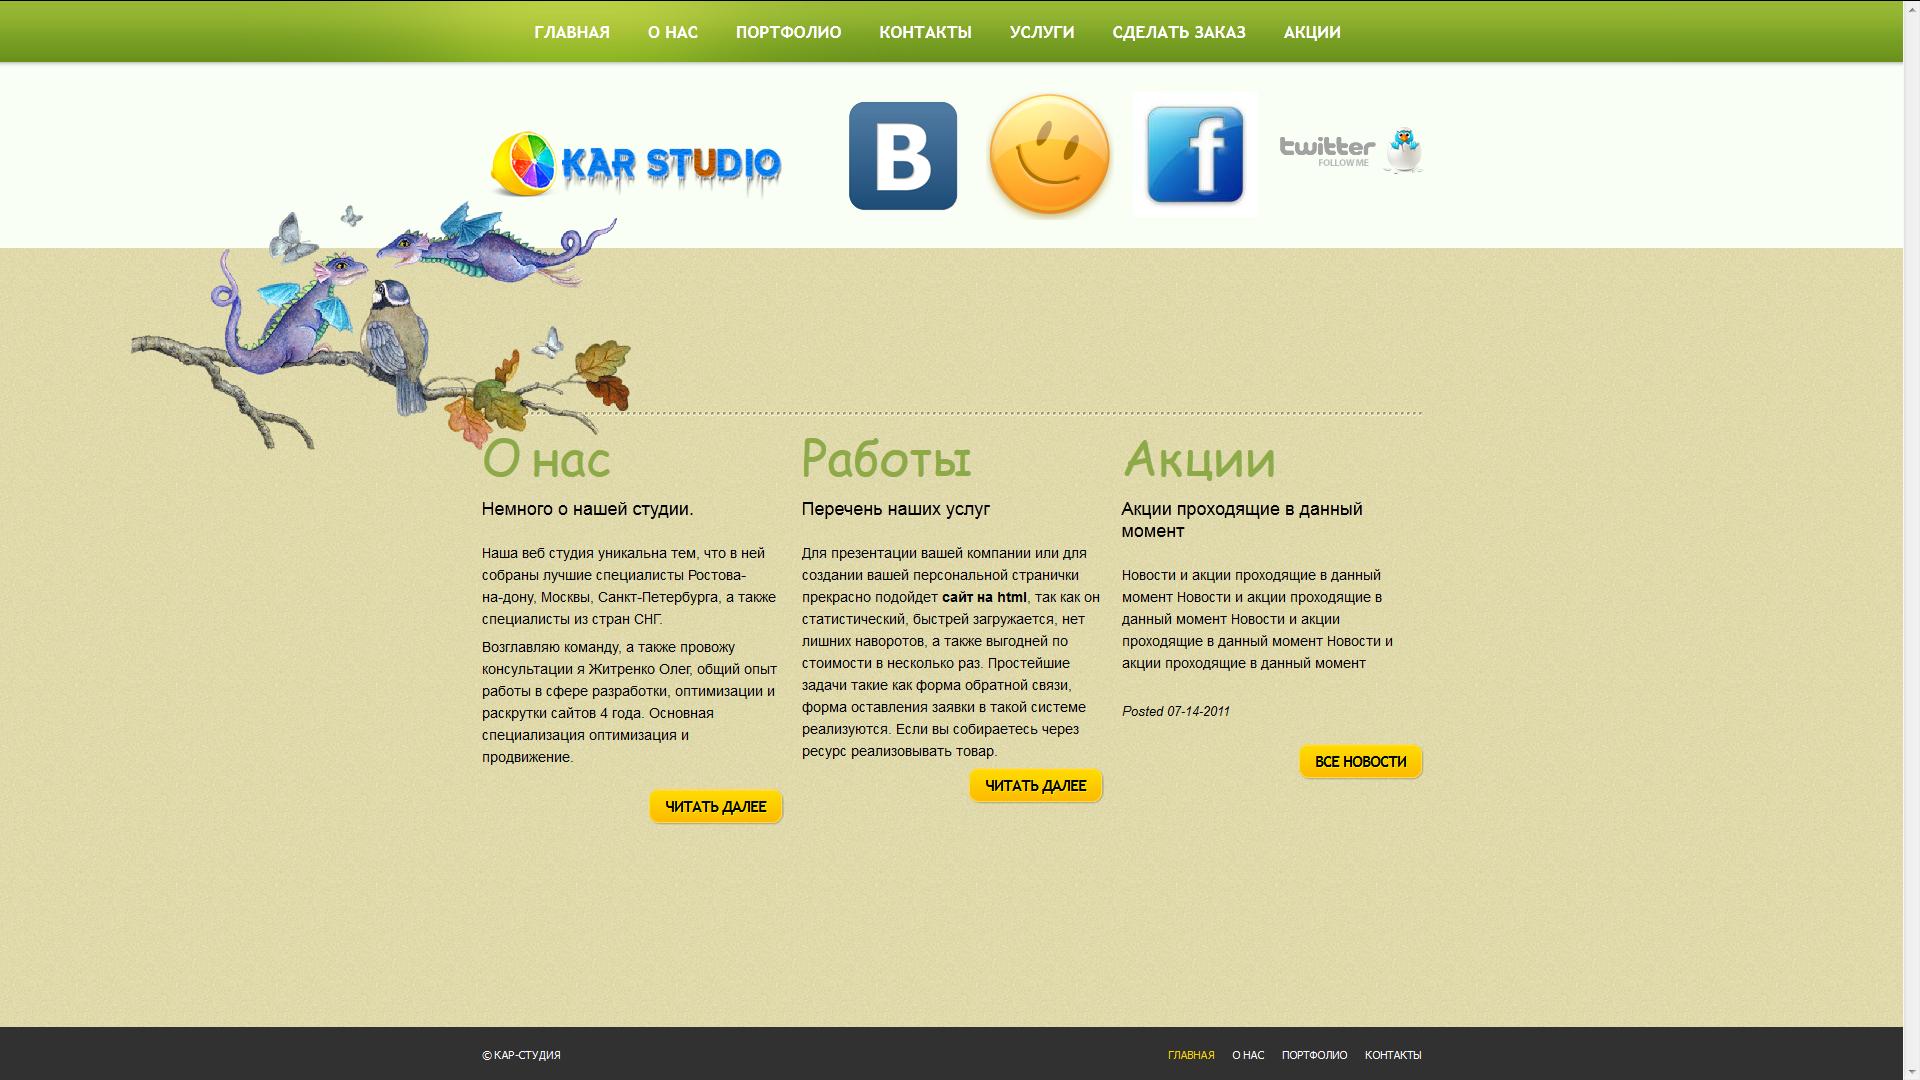 Кар Студия, разработка на основе макета под Wordpress